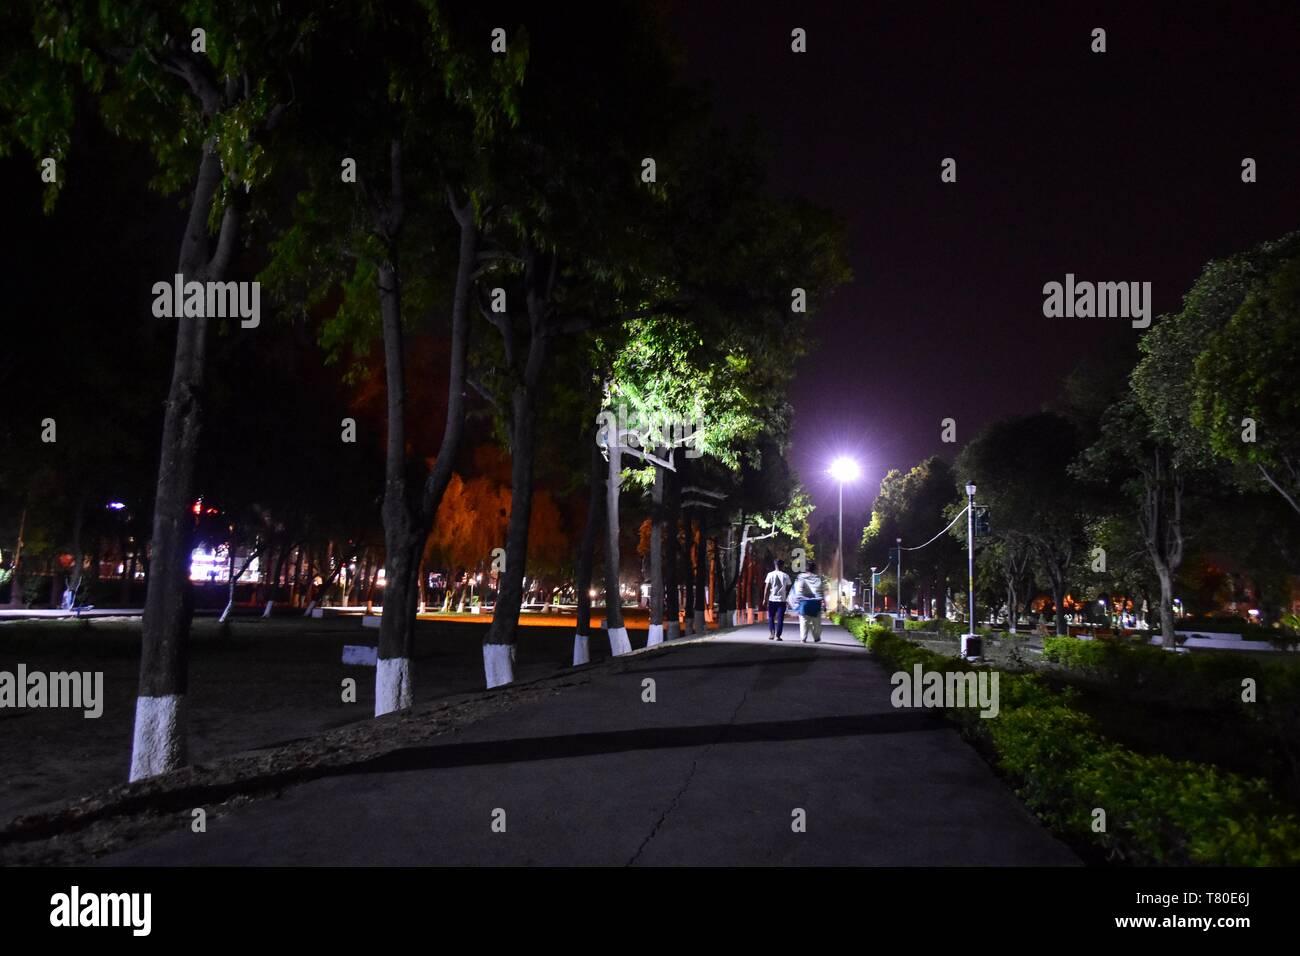 May 9, 2019 - Punjab, Punjab, India - Visitors are seen walking at a